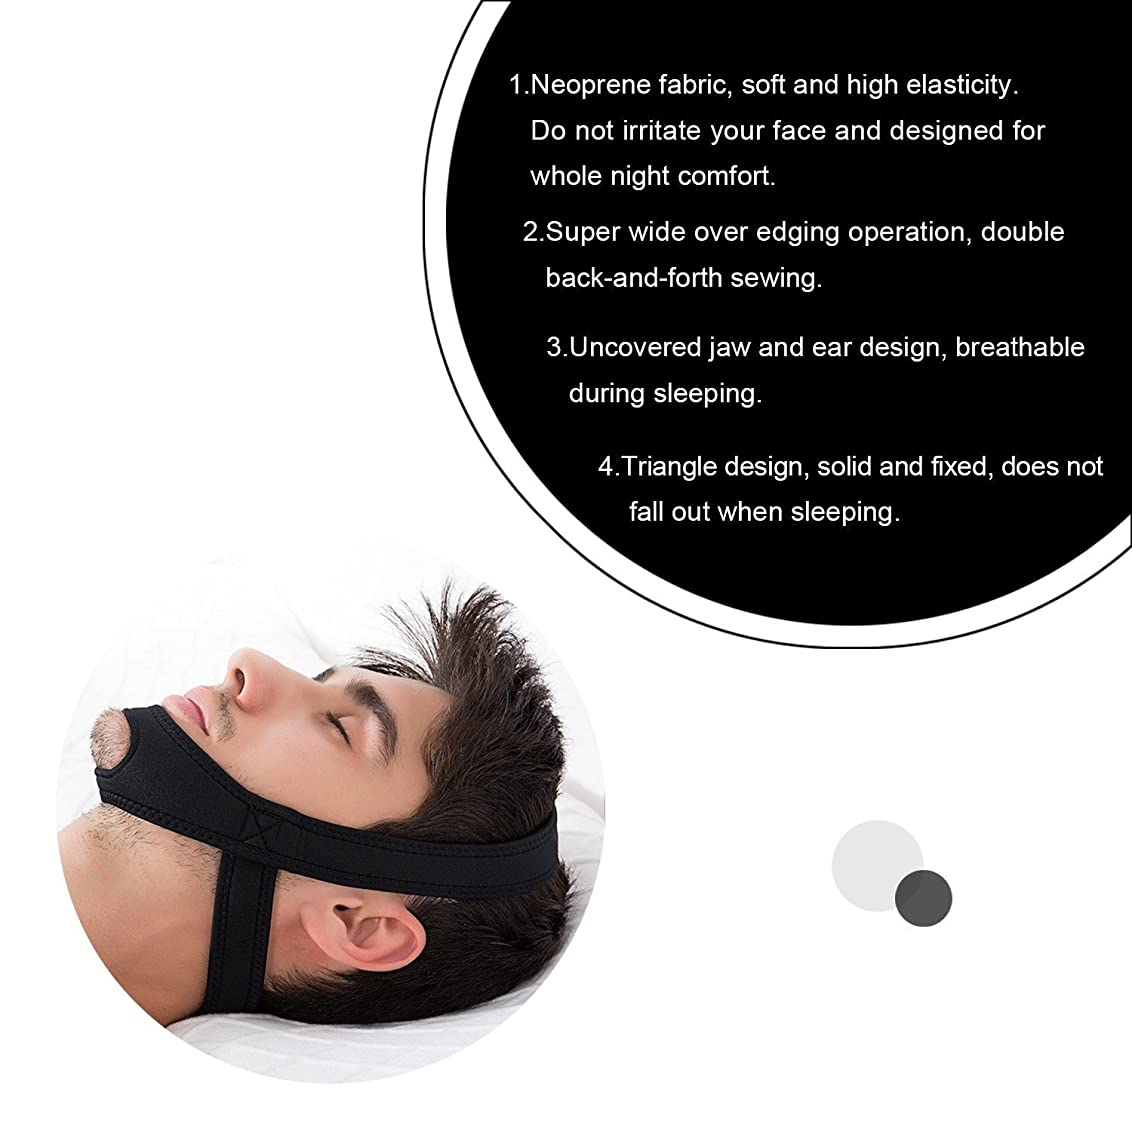 所持パトワマラドロイトNOTE アンチいびきストラップアンチいびき停止いびき顎ベルト睡眠サポート用女性マンケア睡眠ツール最高品質